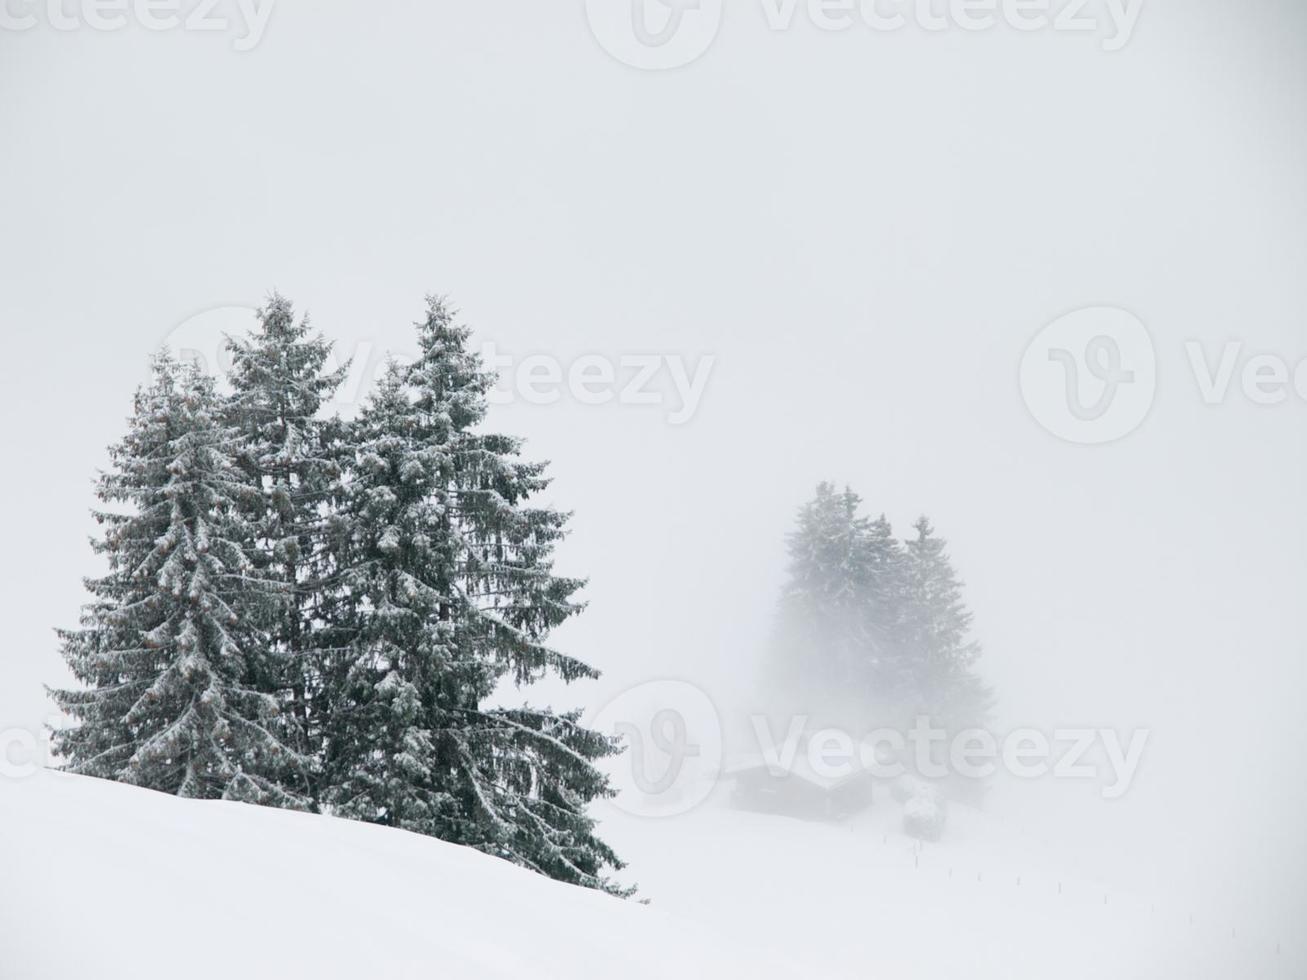 nebliger Winterwald foto